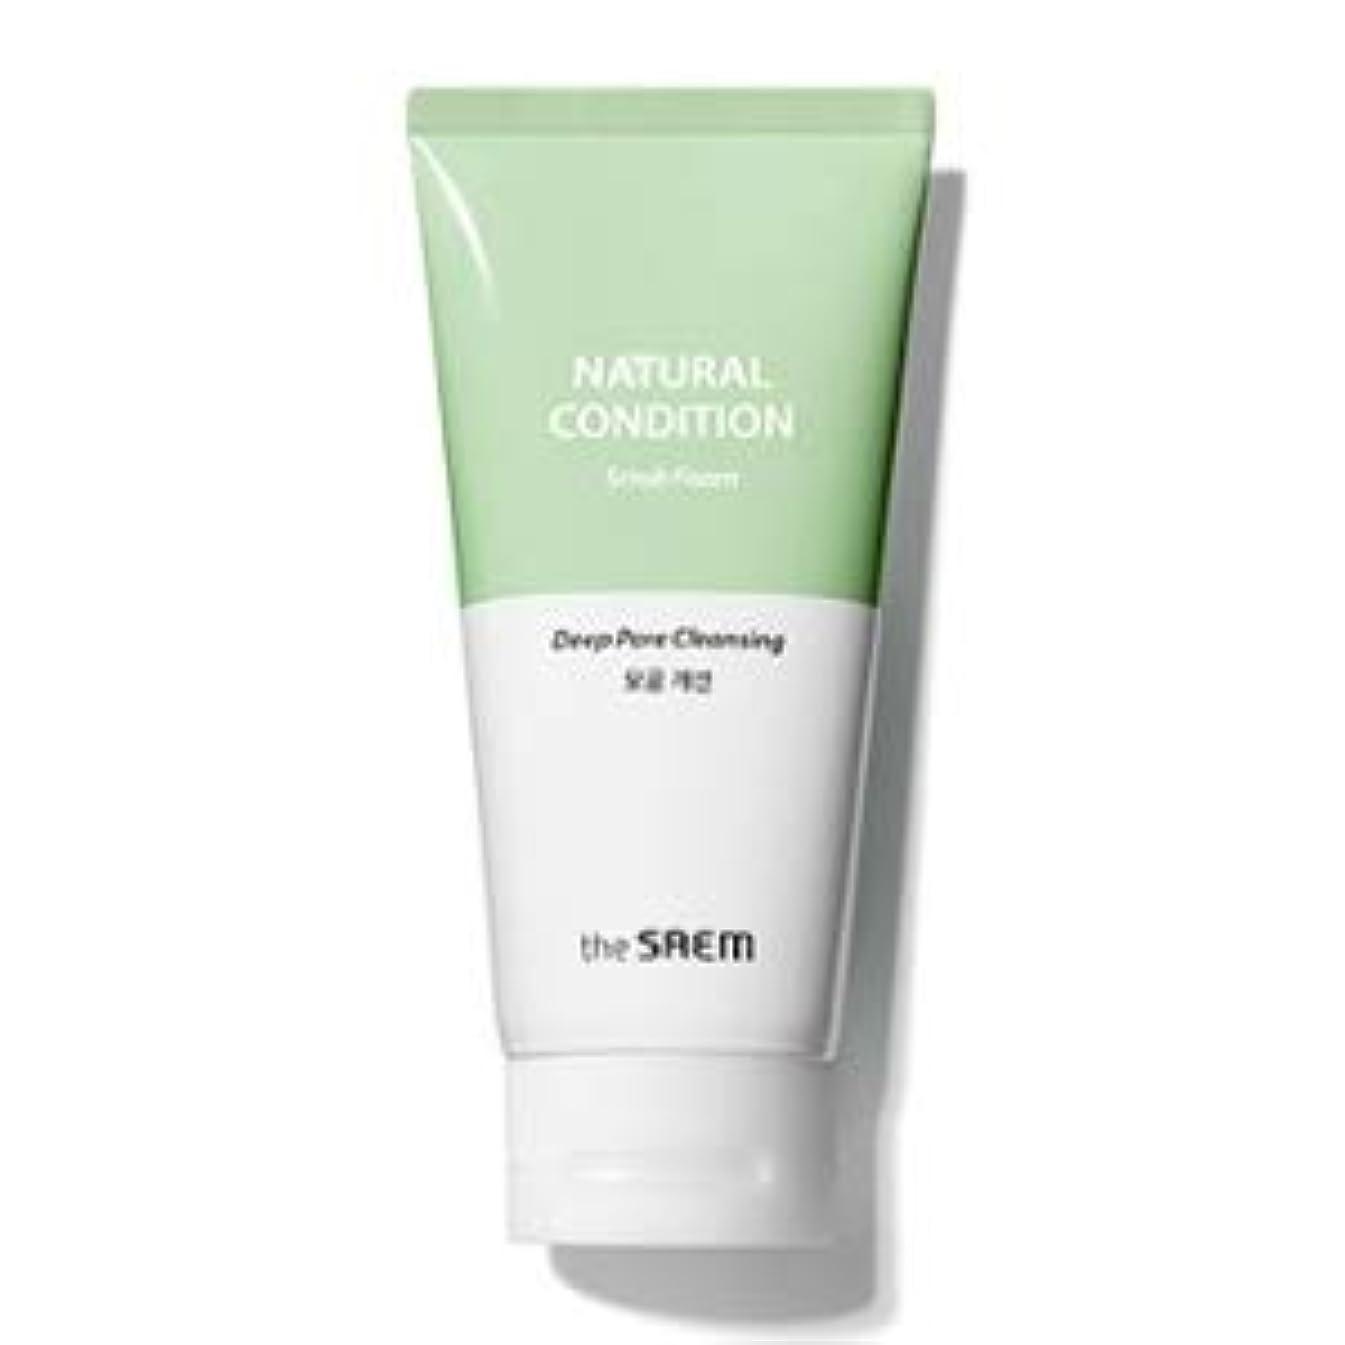 従順ホイスト東ティモールThe Saem Natural Condition Scrub Foam [Deep pore cleansing] (R)/ ザセム ナチュラルコンディションスクラブフォーム[毛穴改善] (R) [並行輸入品]